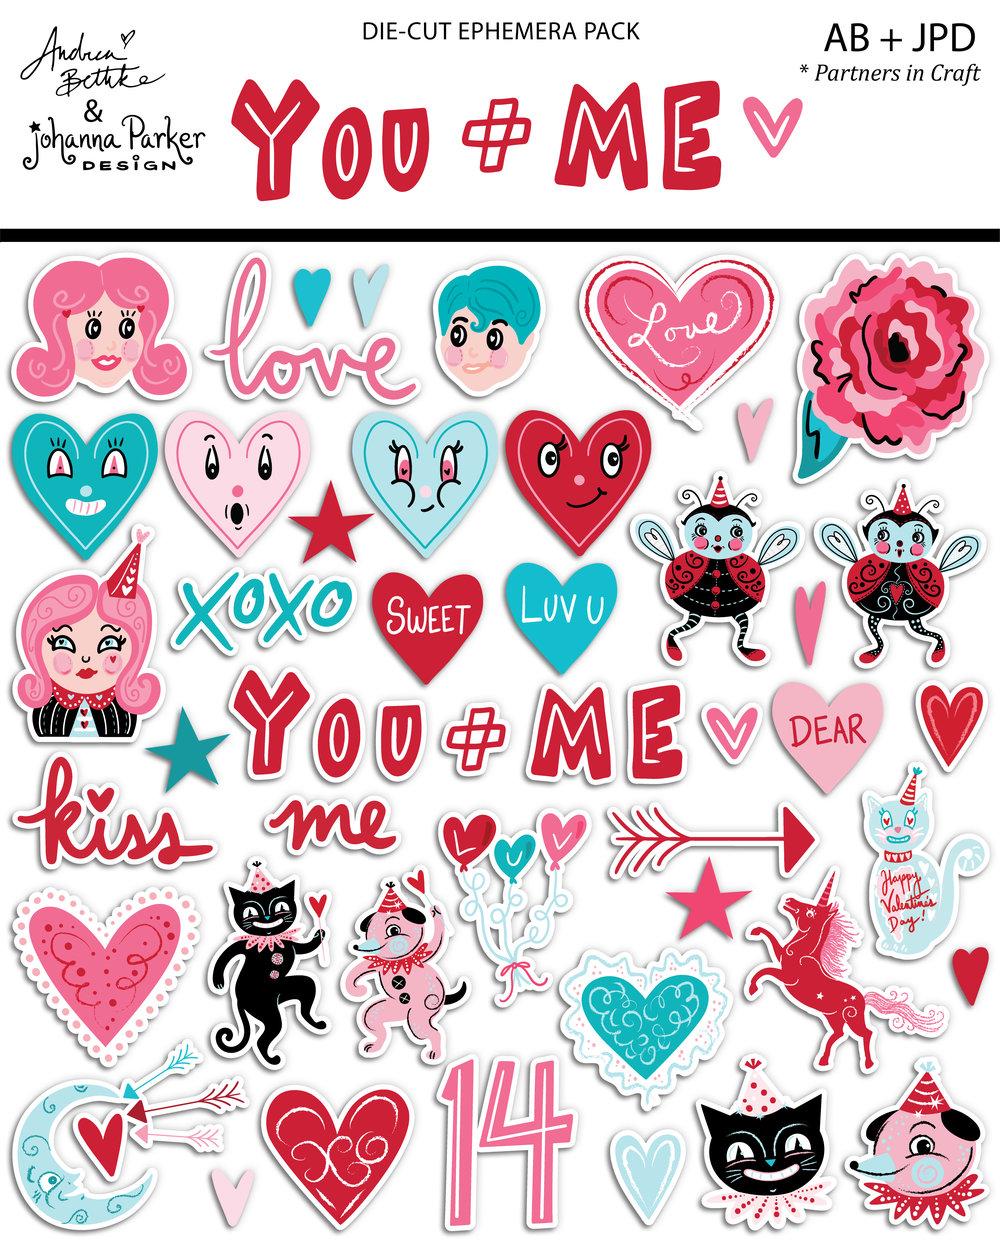 You + Me - Ephemera with packaging.jpg